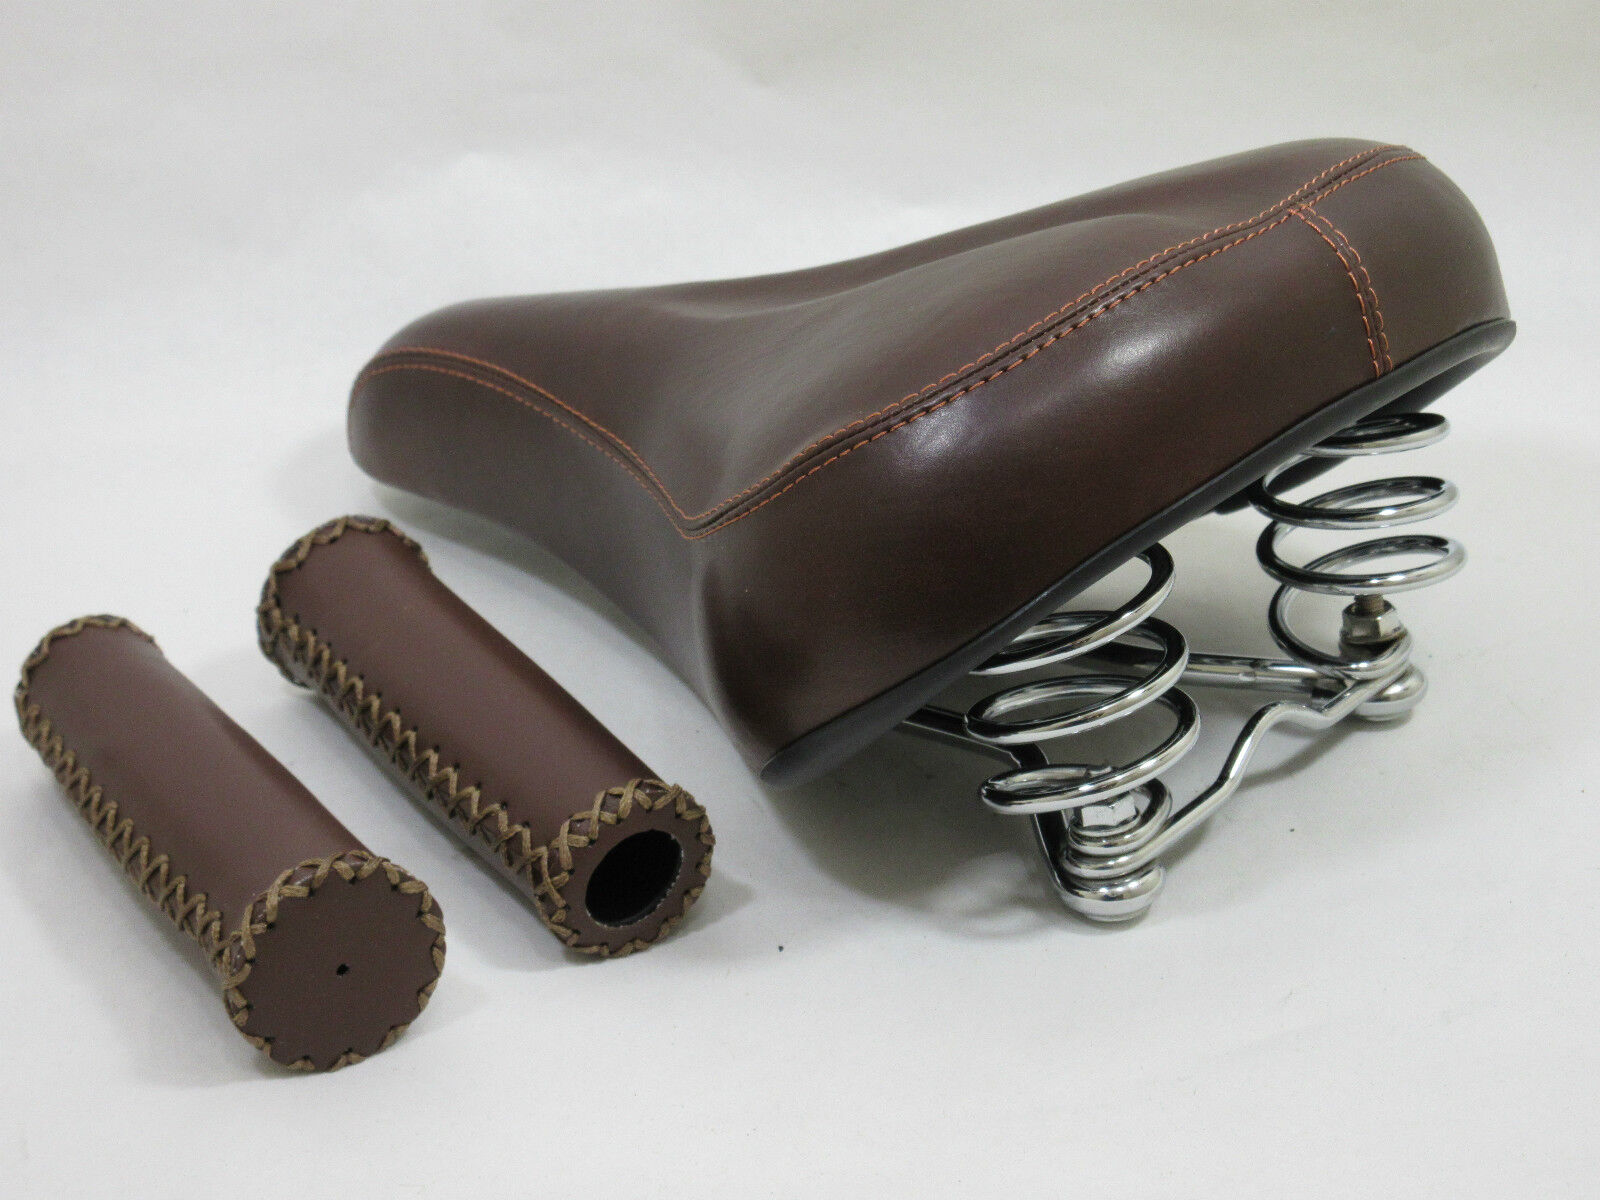 Vintage   Retro Stil Stil Stil Braun Sattel mit Passenden Genäht Lenkergriffe dee721